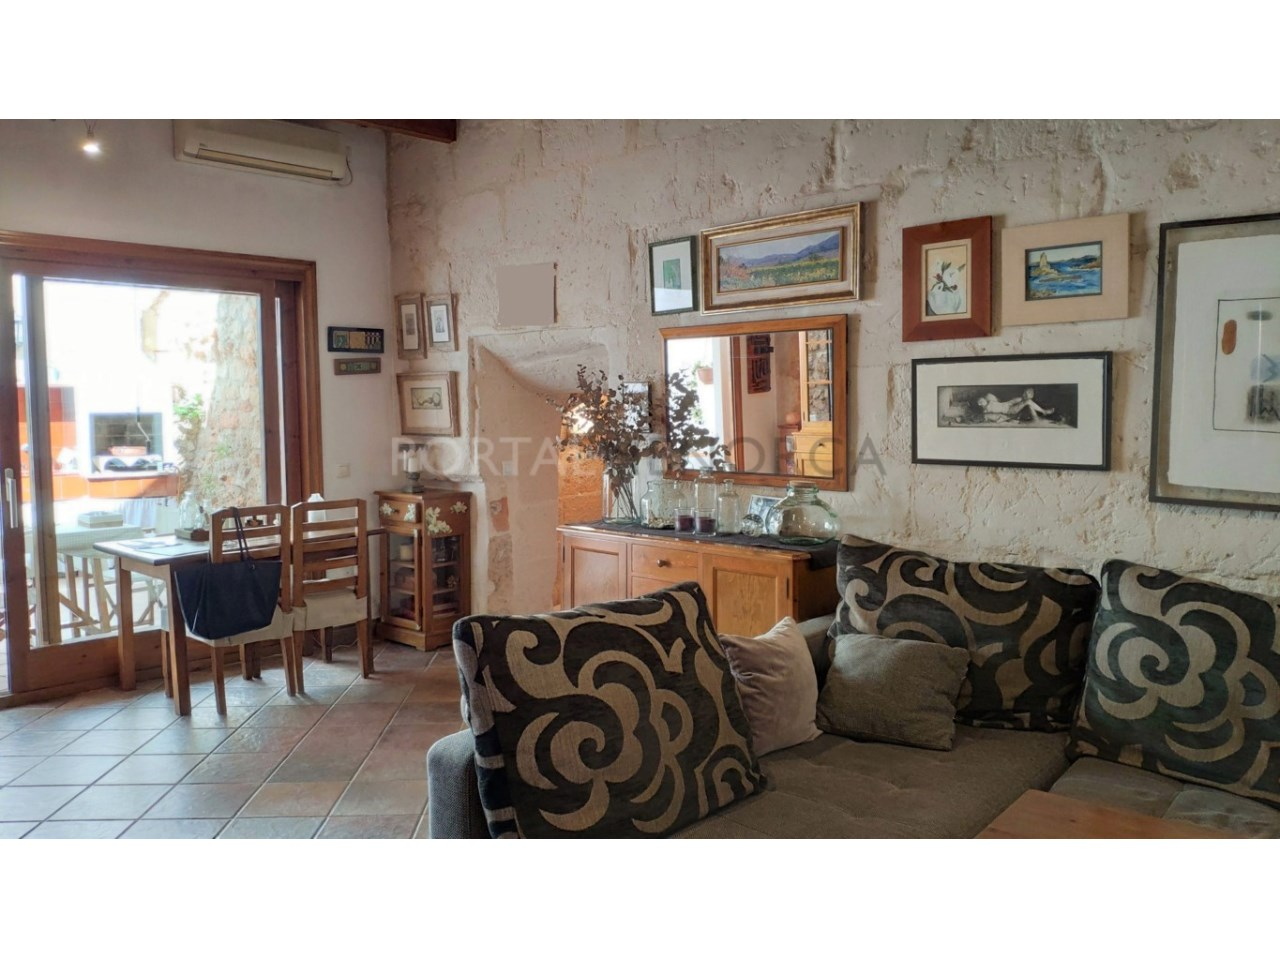 Casa con patio en venta en el casco histórico de Ciutadella